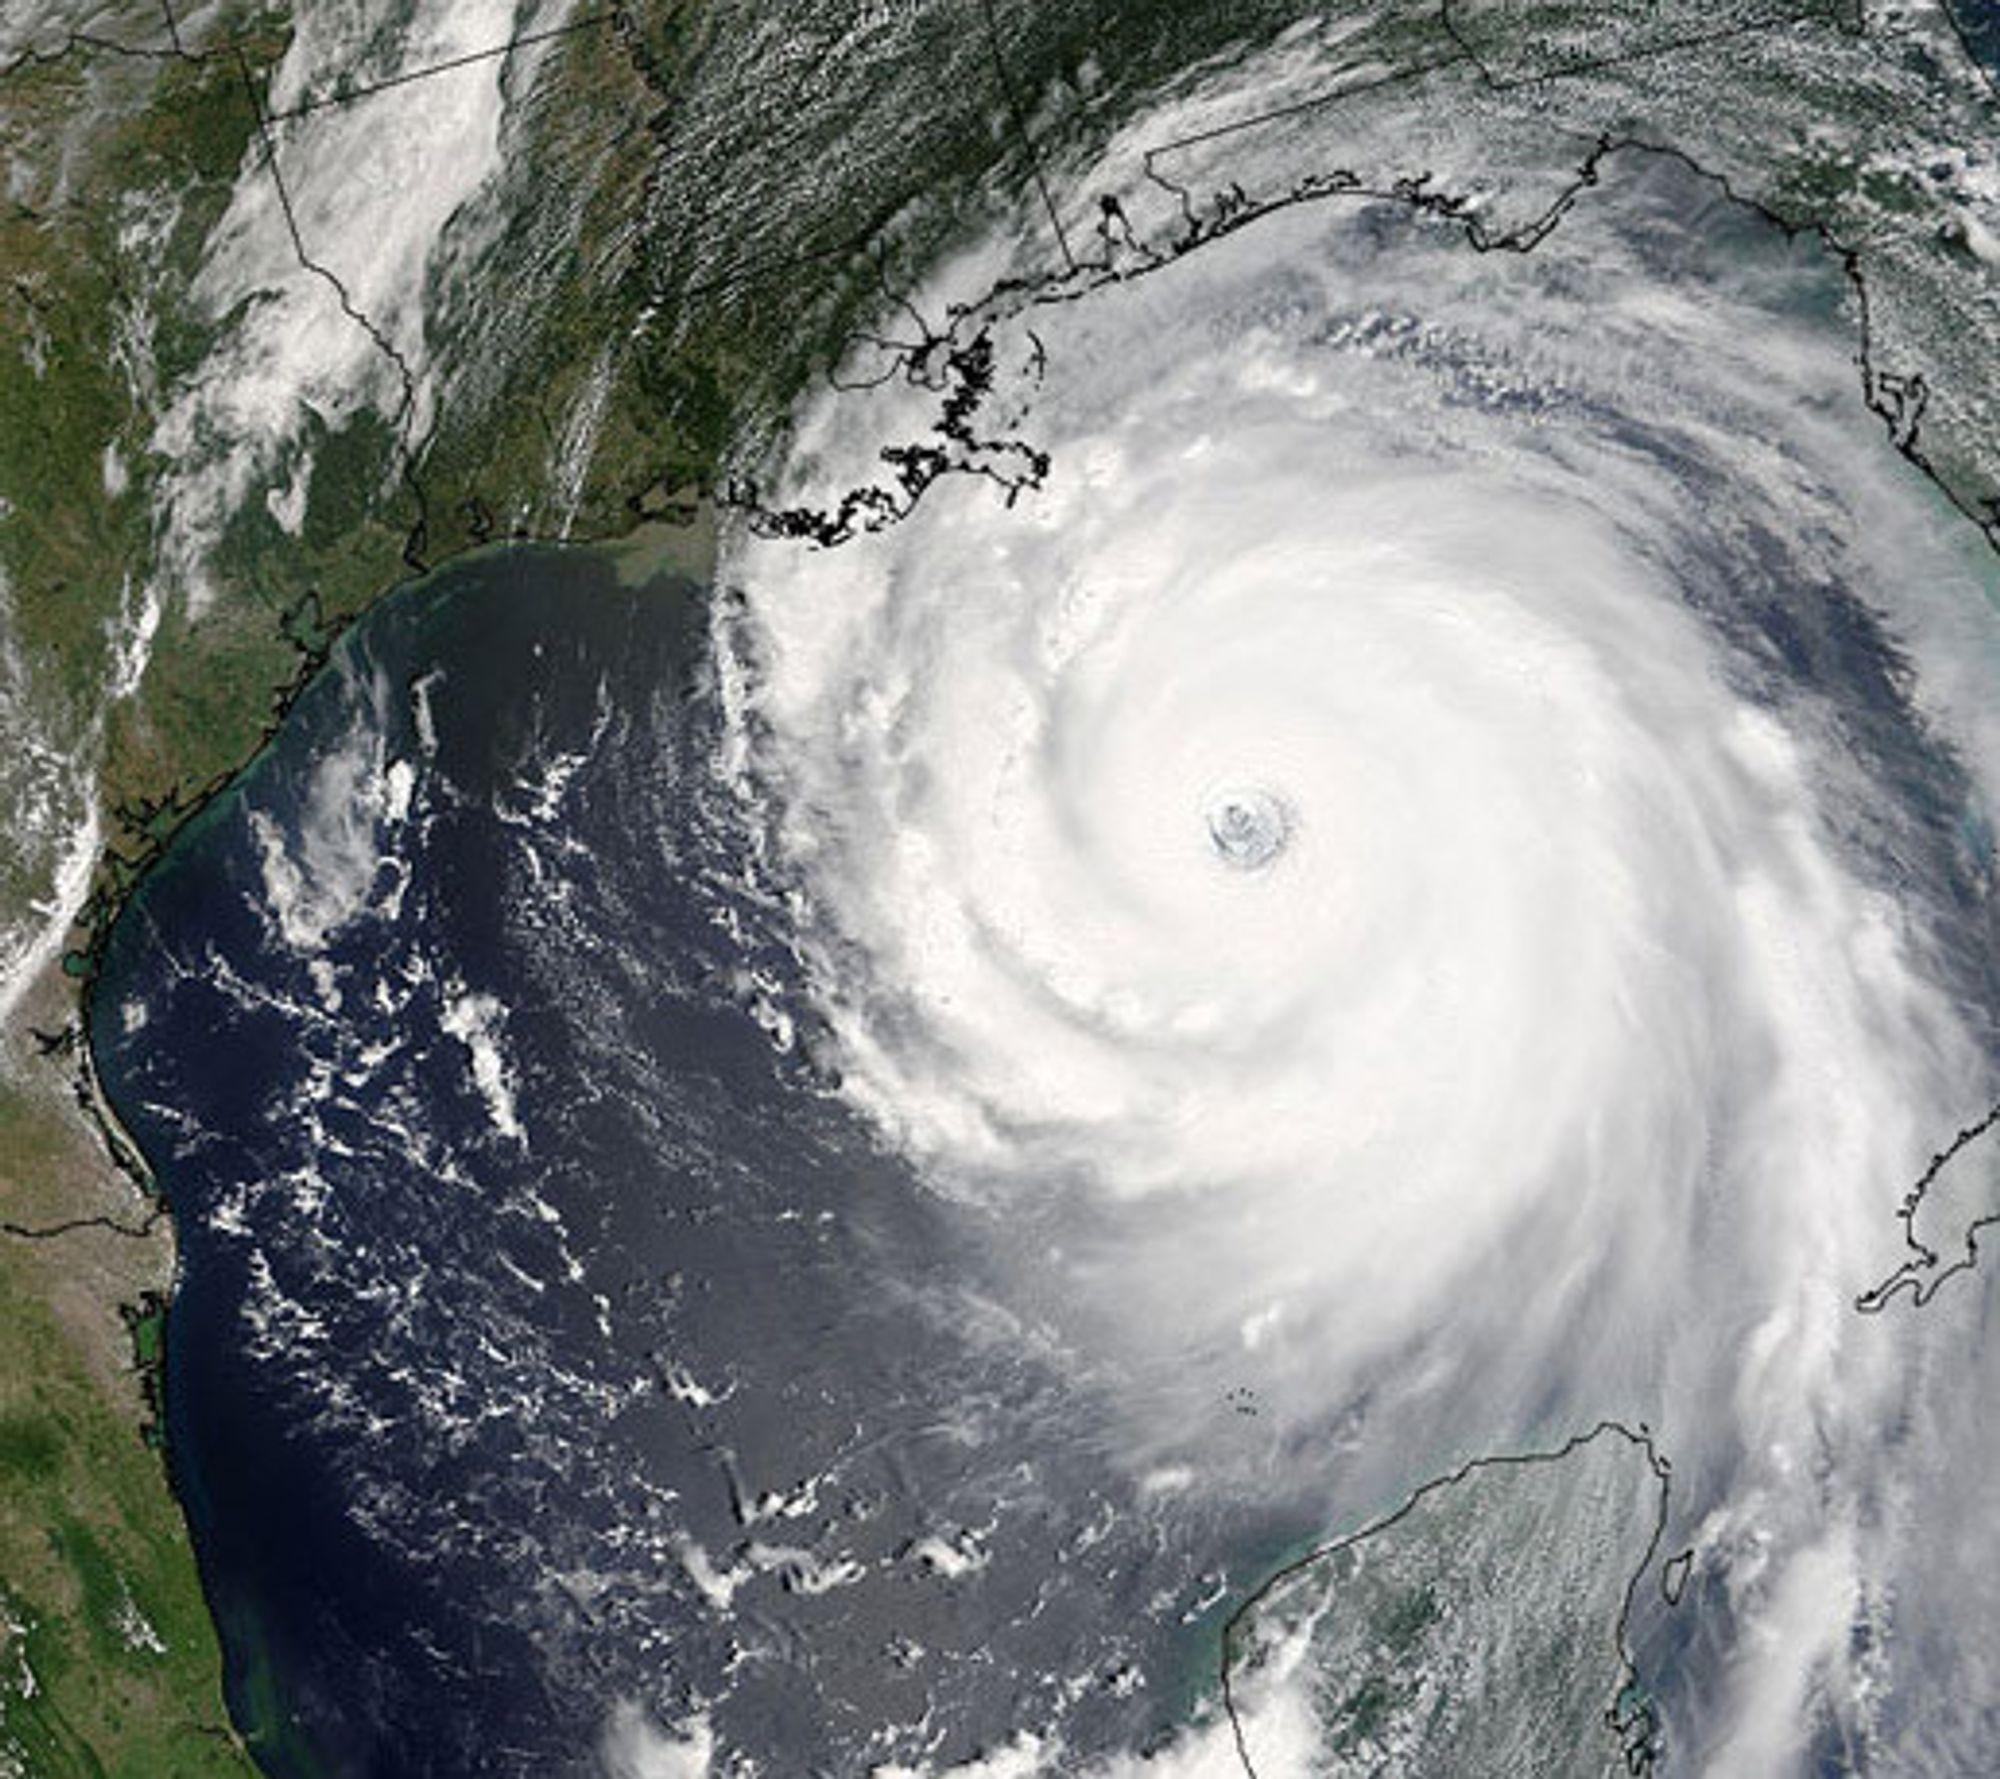 Amerikanske myndigheter tror på flere orkaner enn vanlig i år. Bildet er av orkanen Katrina som rammet blant annet New Orleans i 2005.